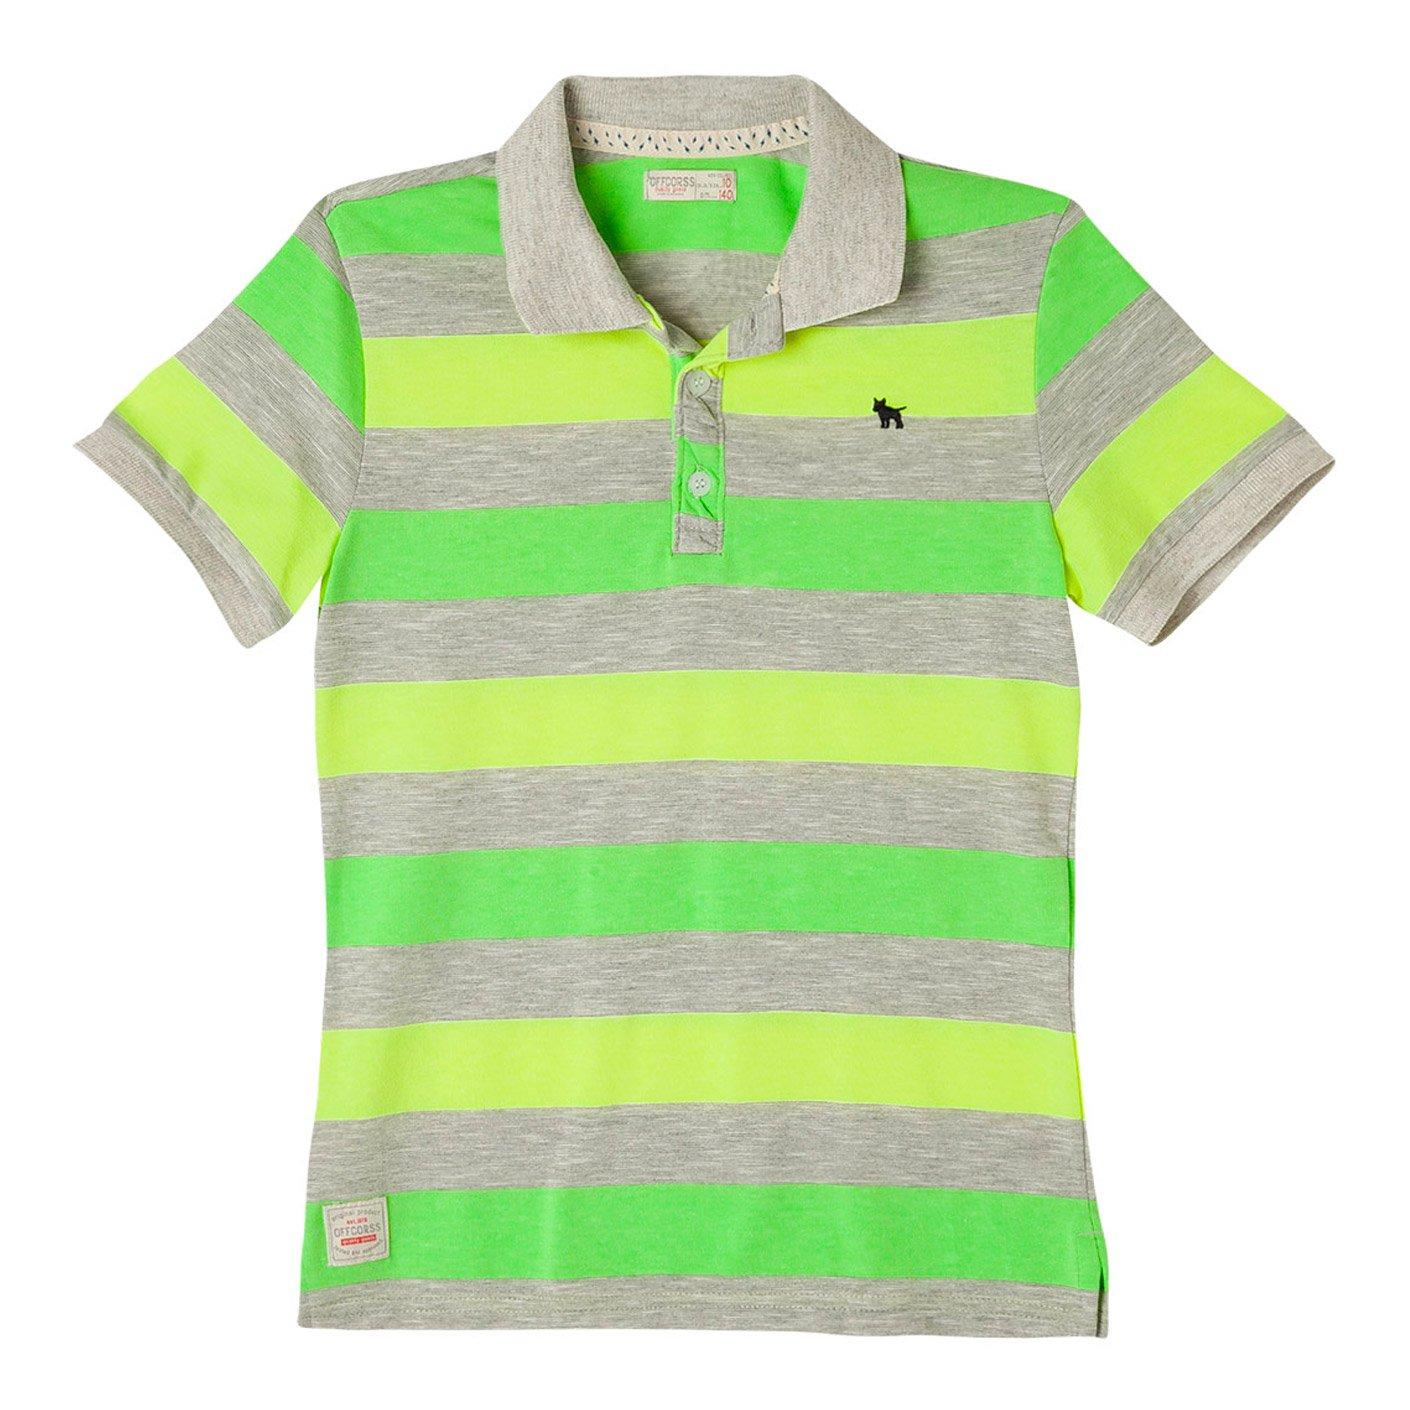 Galleon - OFFCORSS Cotton Polo Shirts For Teen Boys Camisetas Tipo Polo De  Niño Gray 10 db77205466569